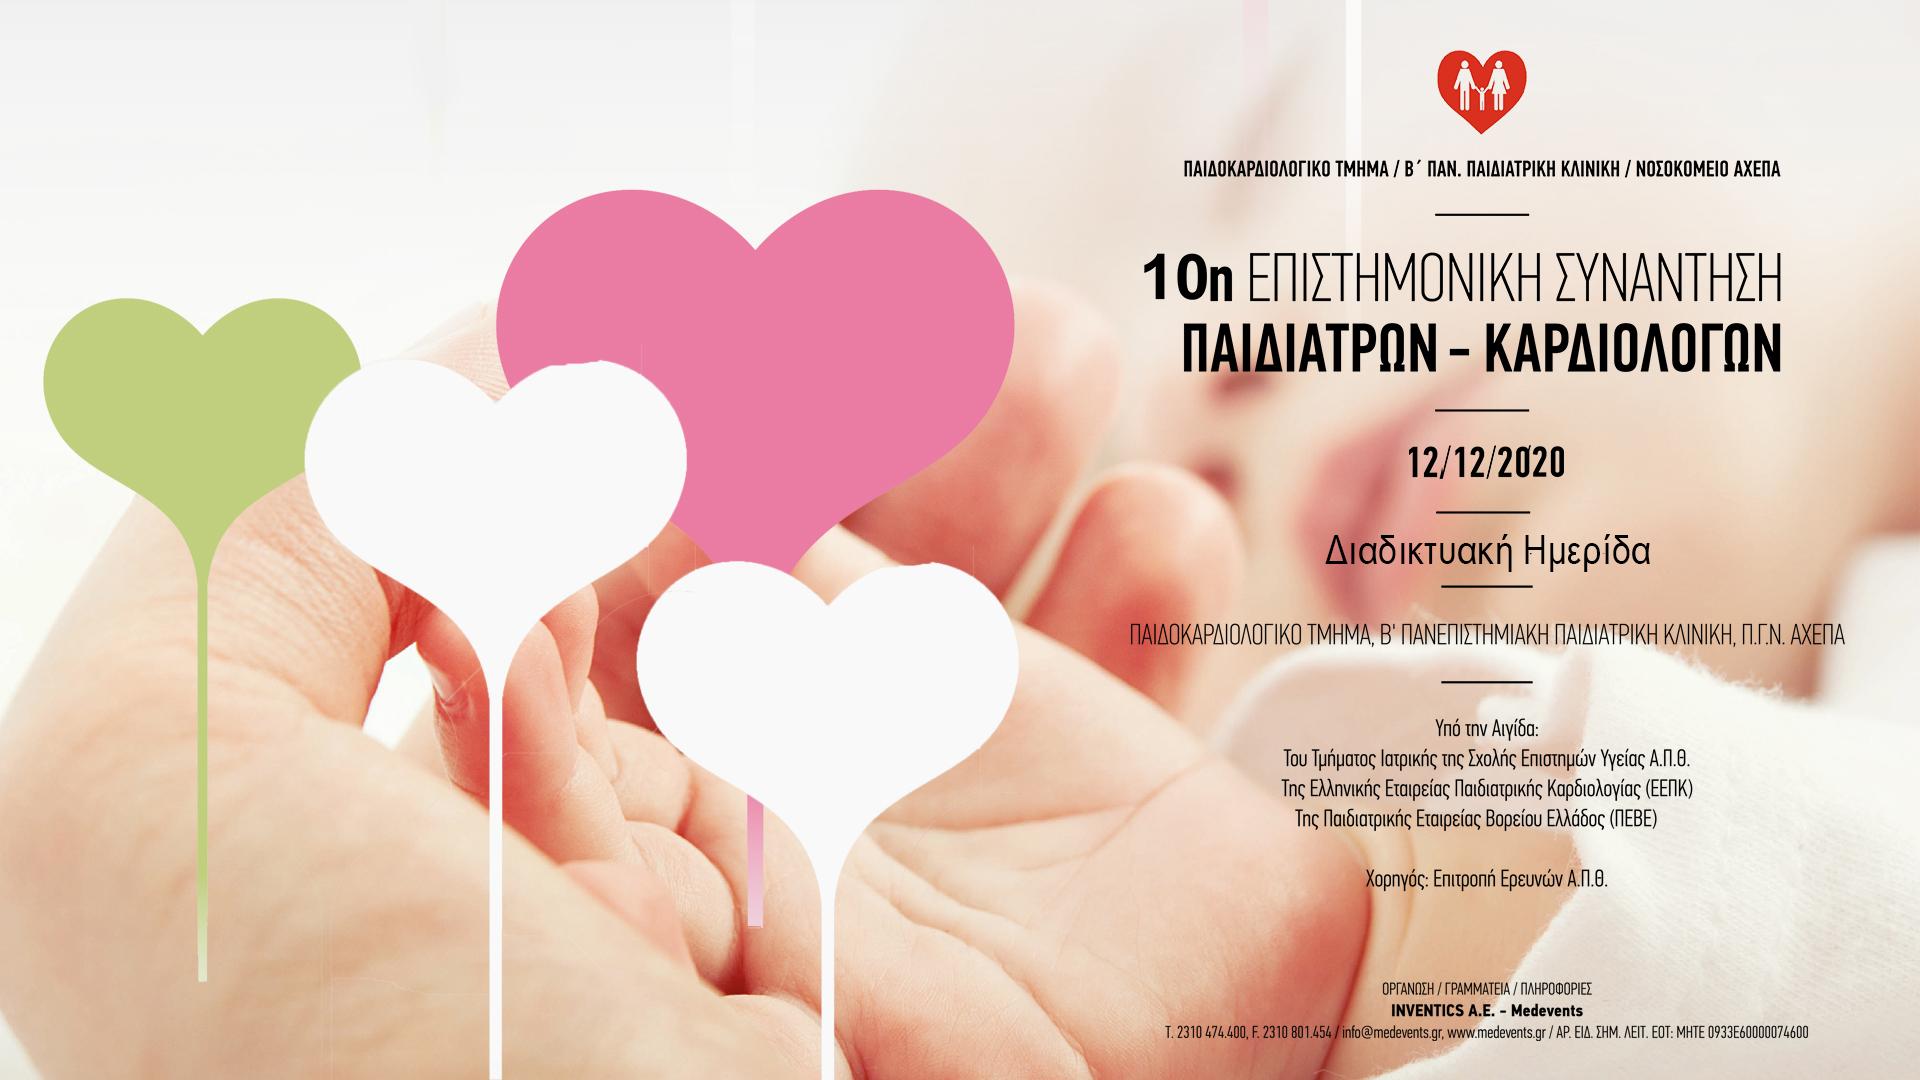 10η Επιστημονική Συνάντηση Παιδιάτρων - Καρδιολόγων